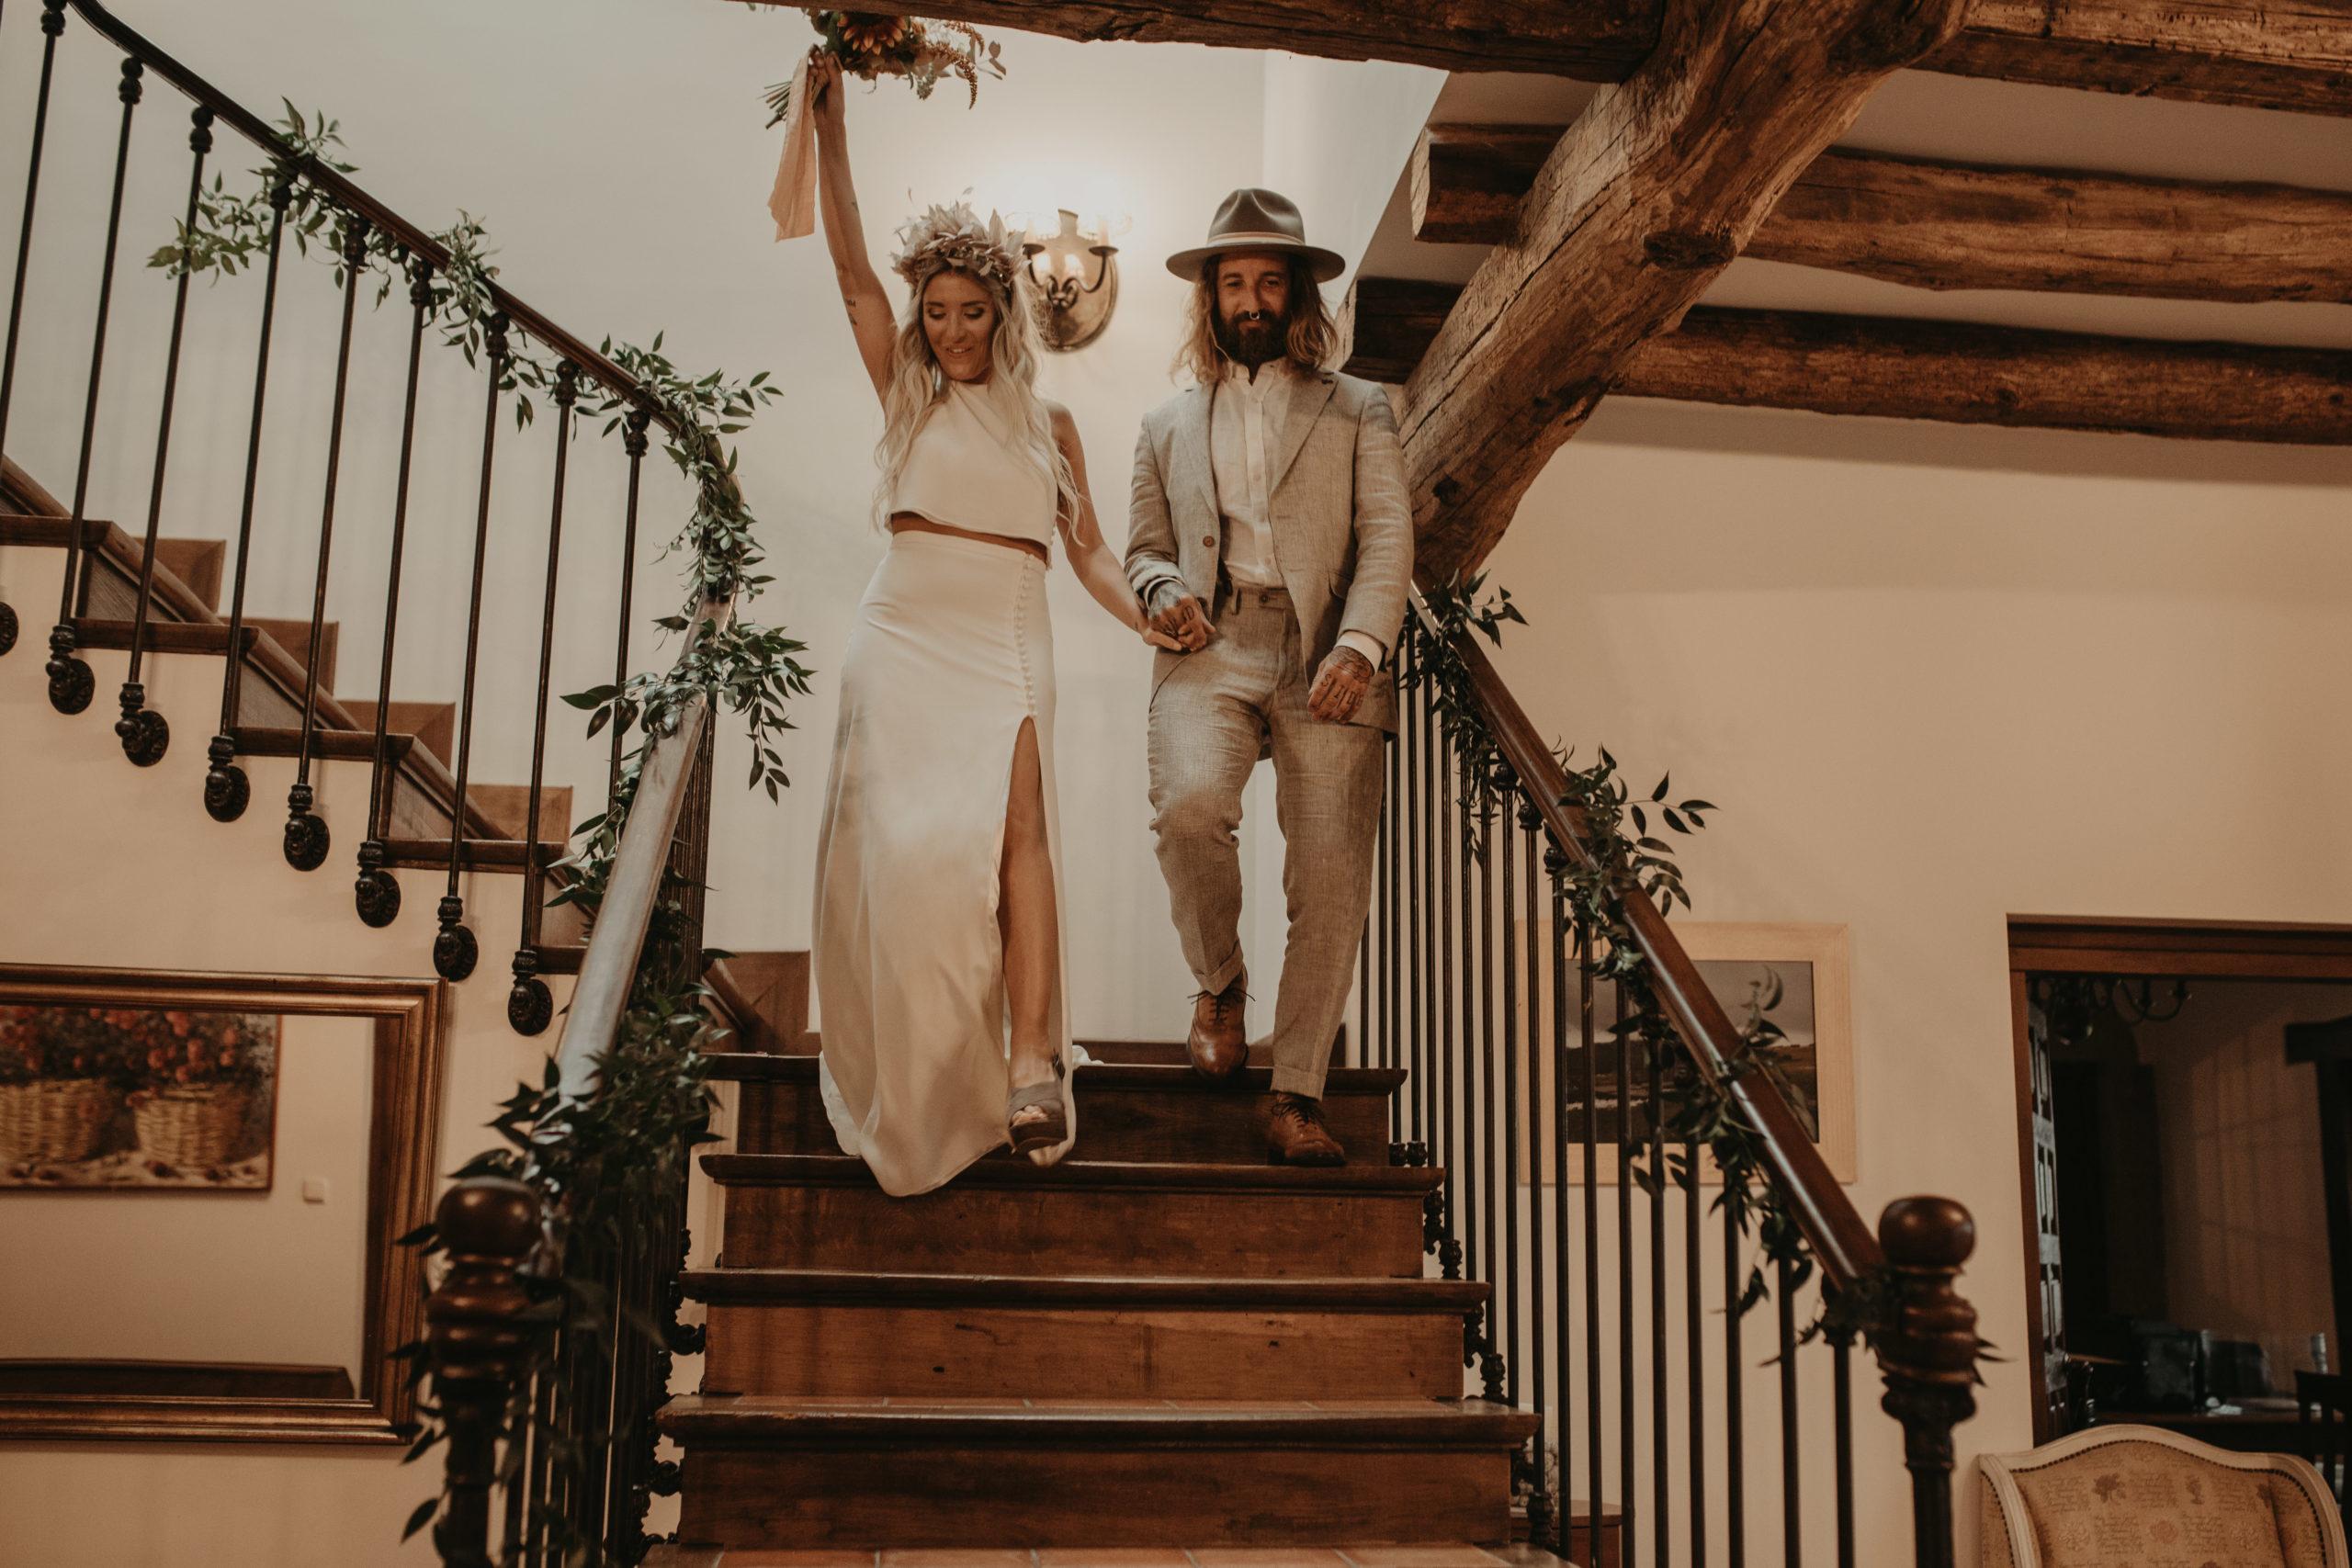 Pareja de novios bajando las escaleras a la ceremonia el día de su boda